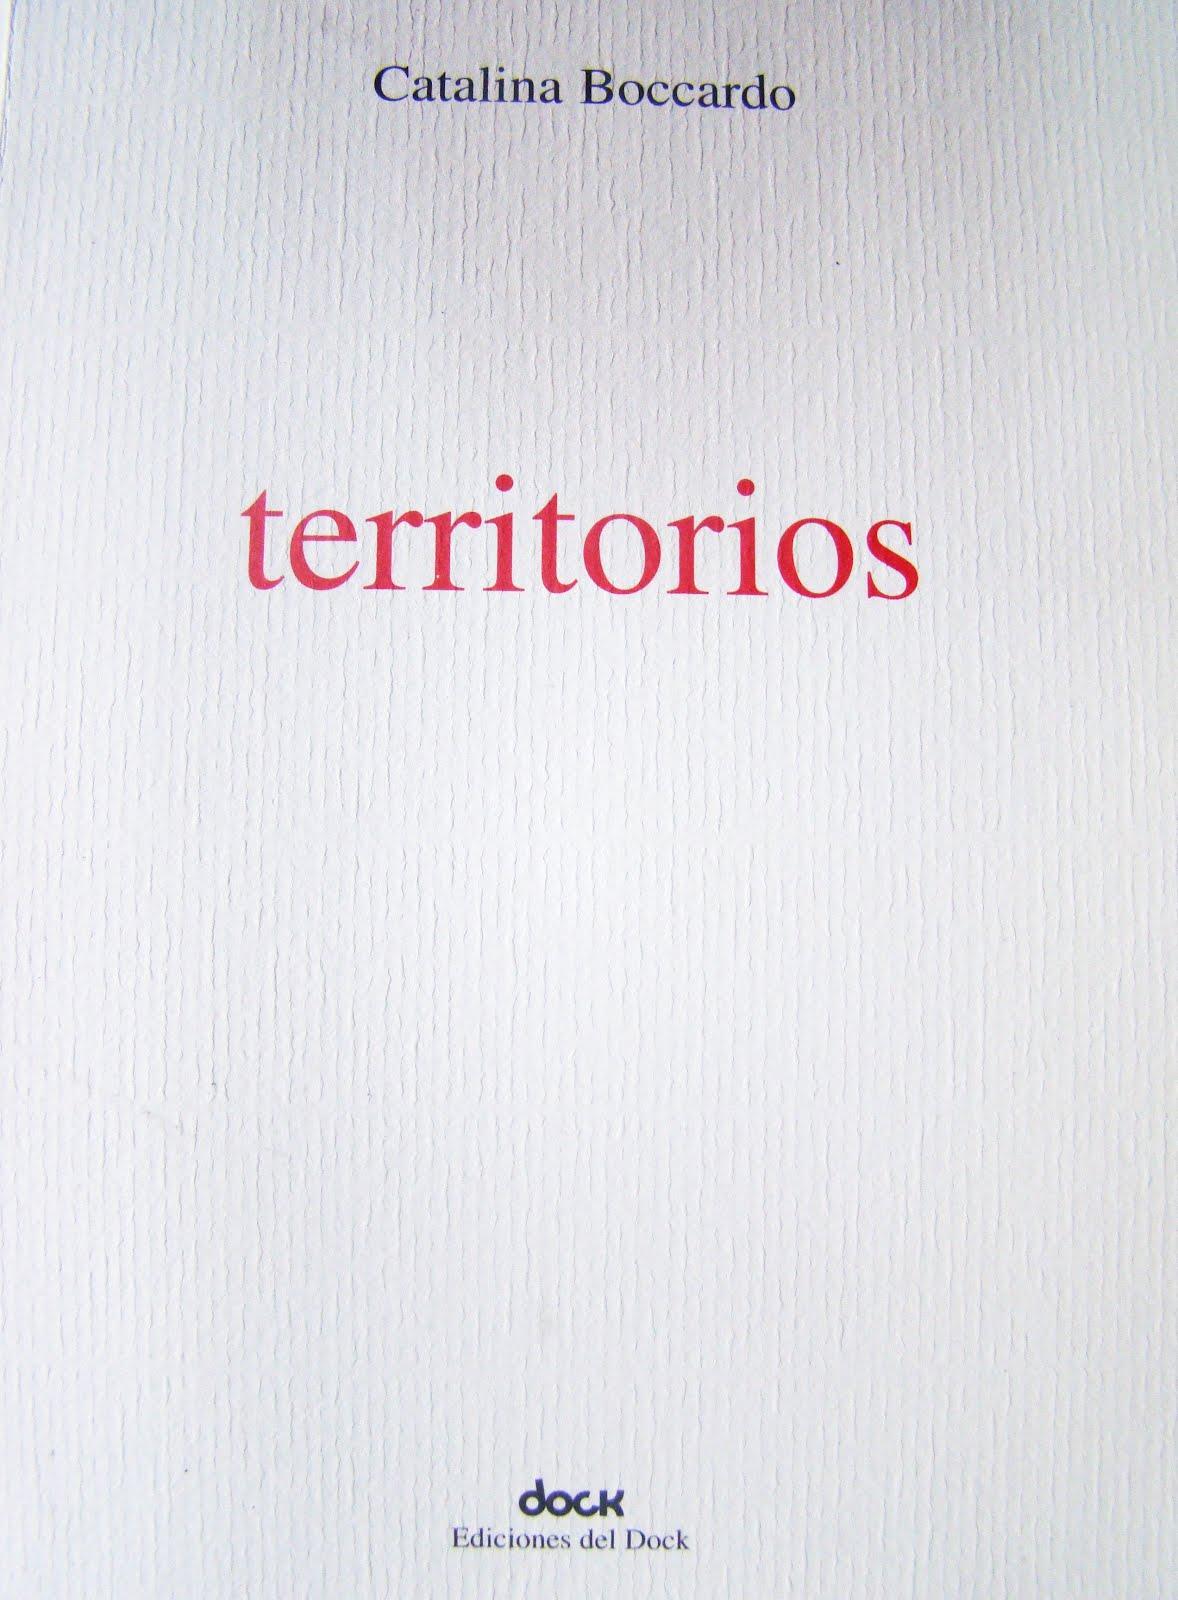 territorios (ediciones del dock, 2012)